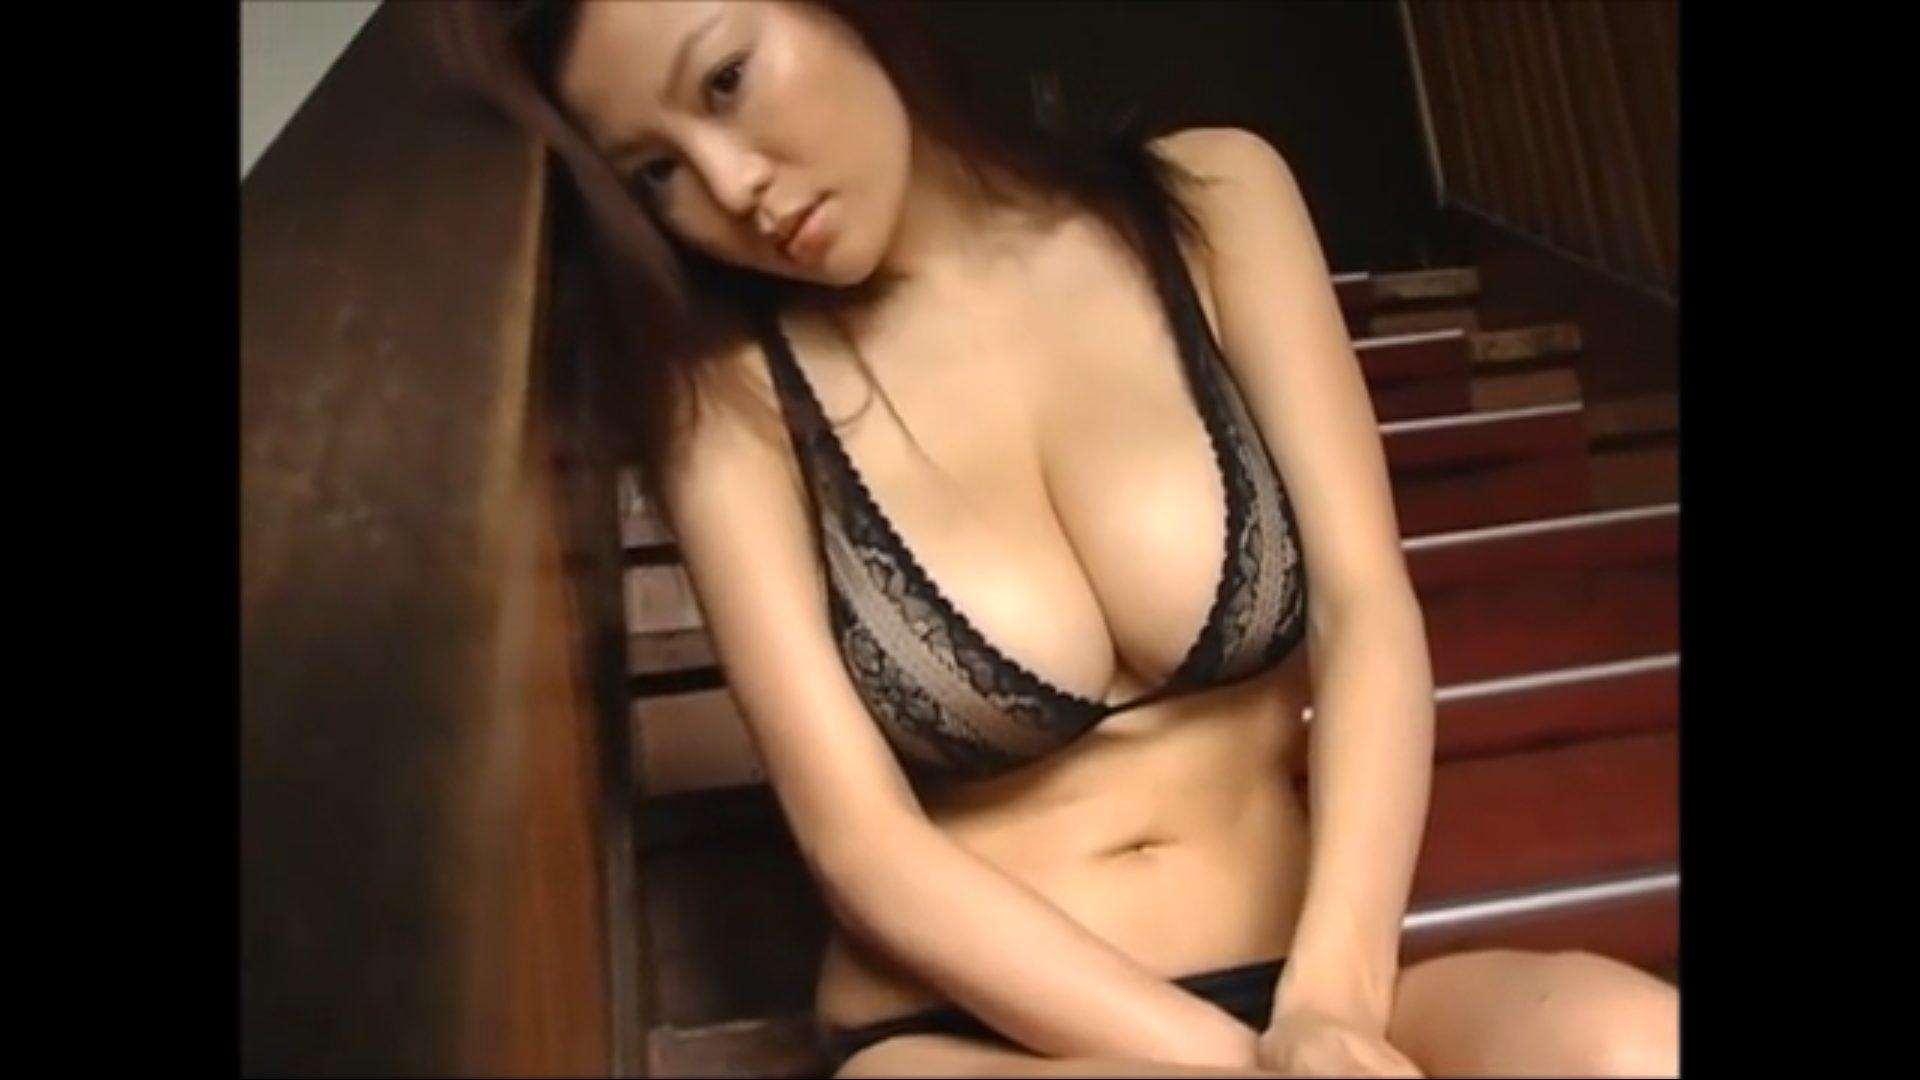 【松金ようこ】Hカップ7 セクシー美女が階段でポージングをきめるとこうなります!